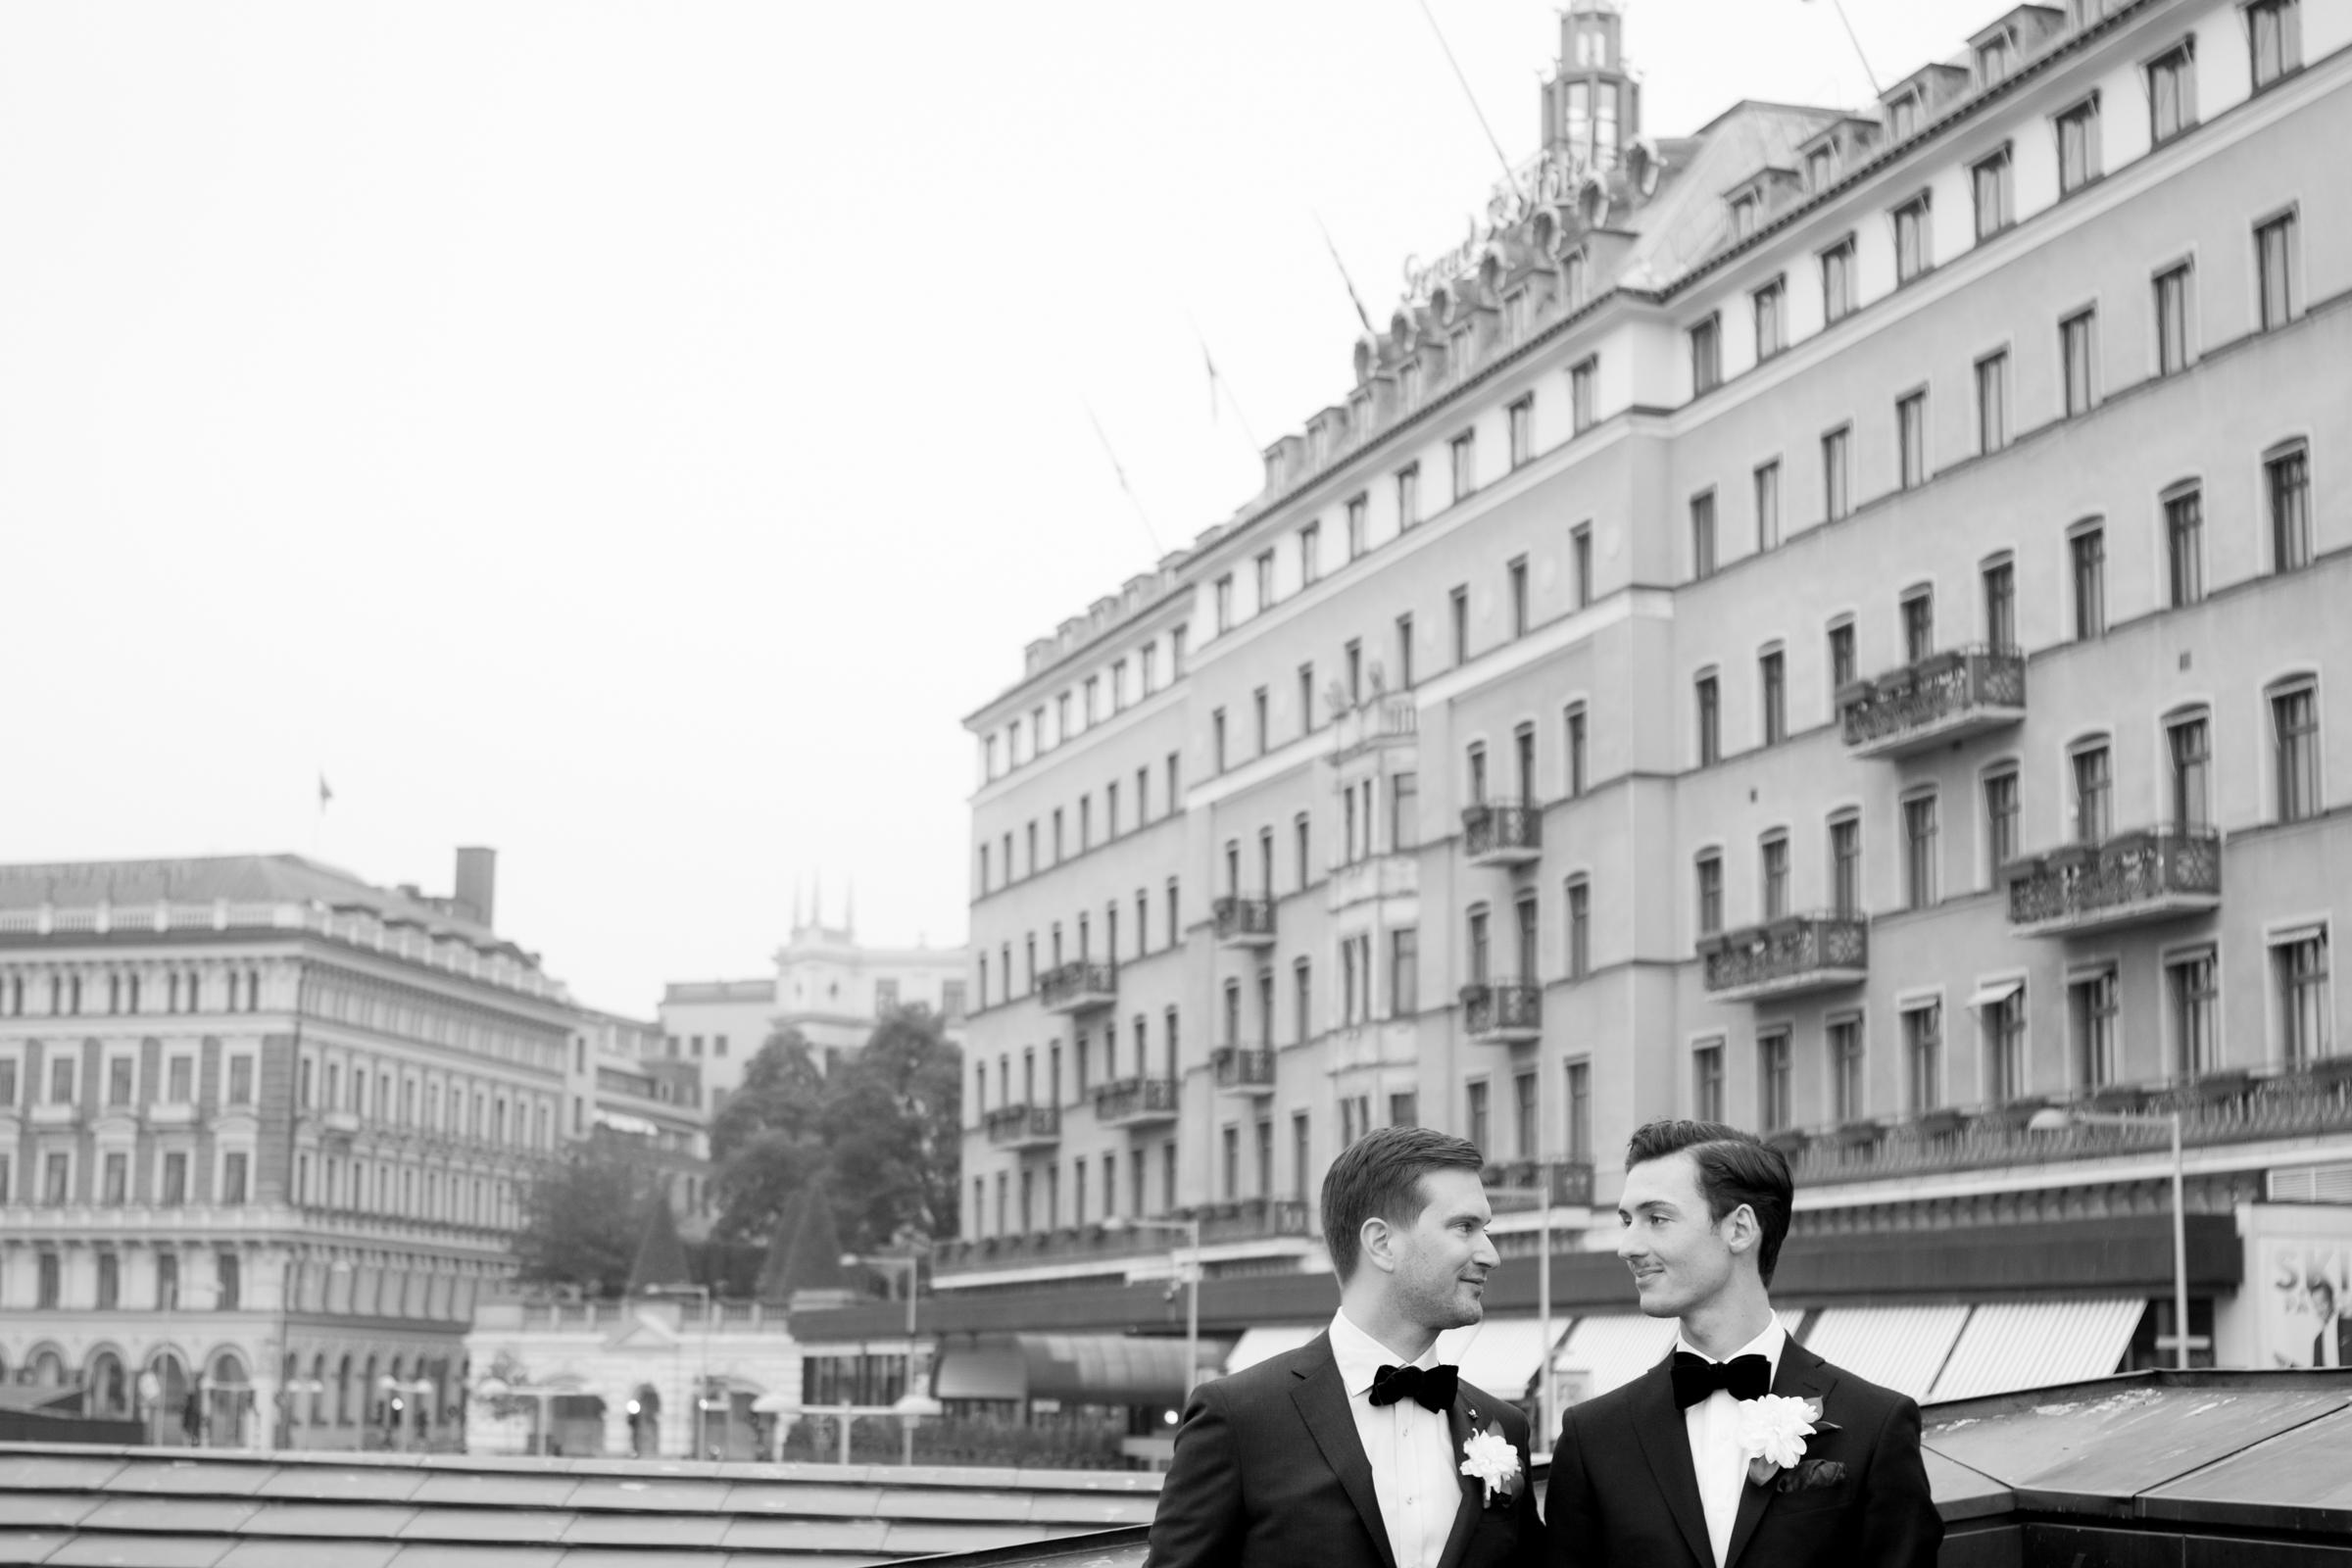 gay-bröllop-stockholm-grand-hotell (9 av 9)